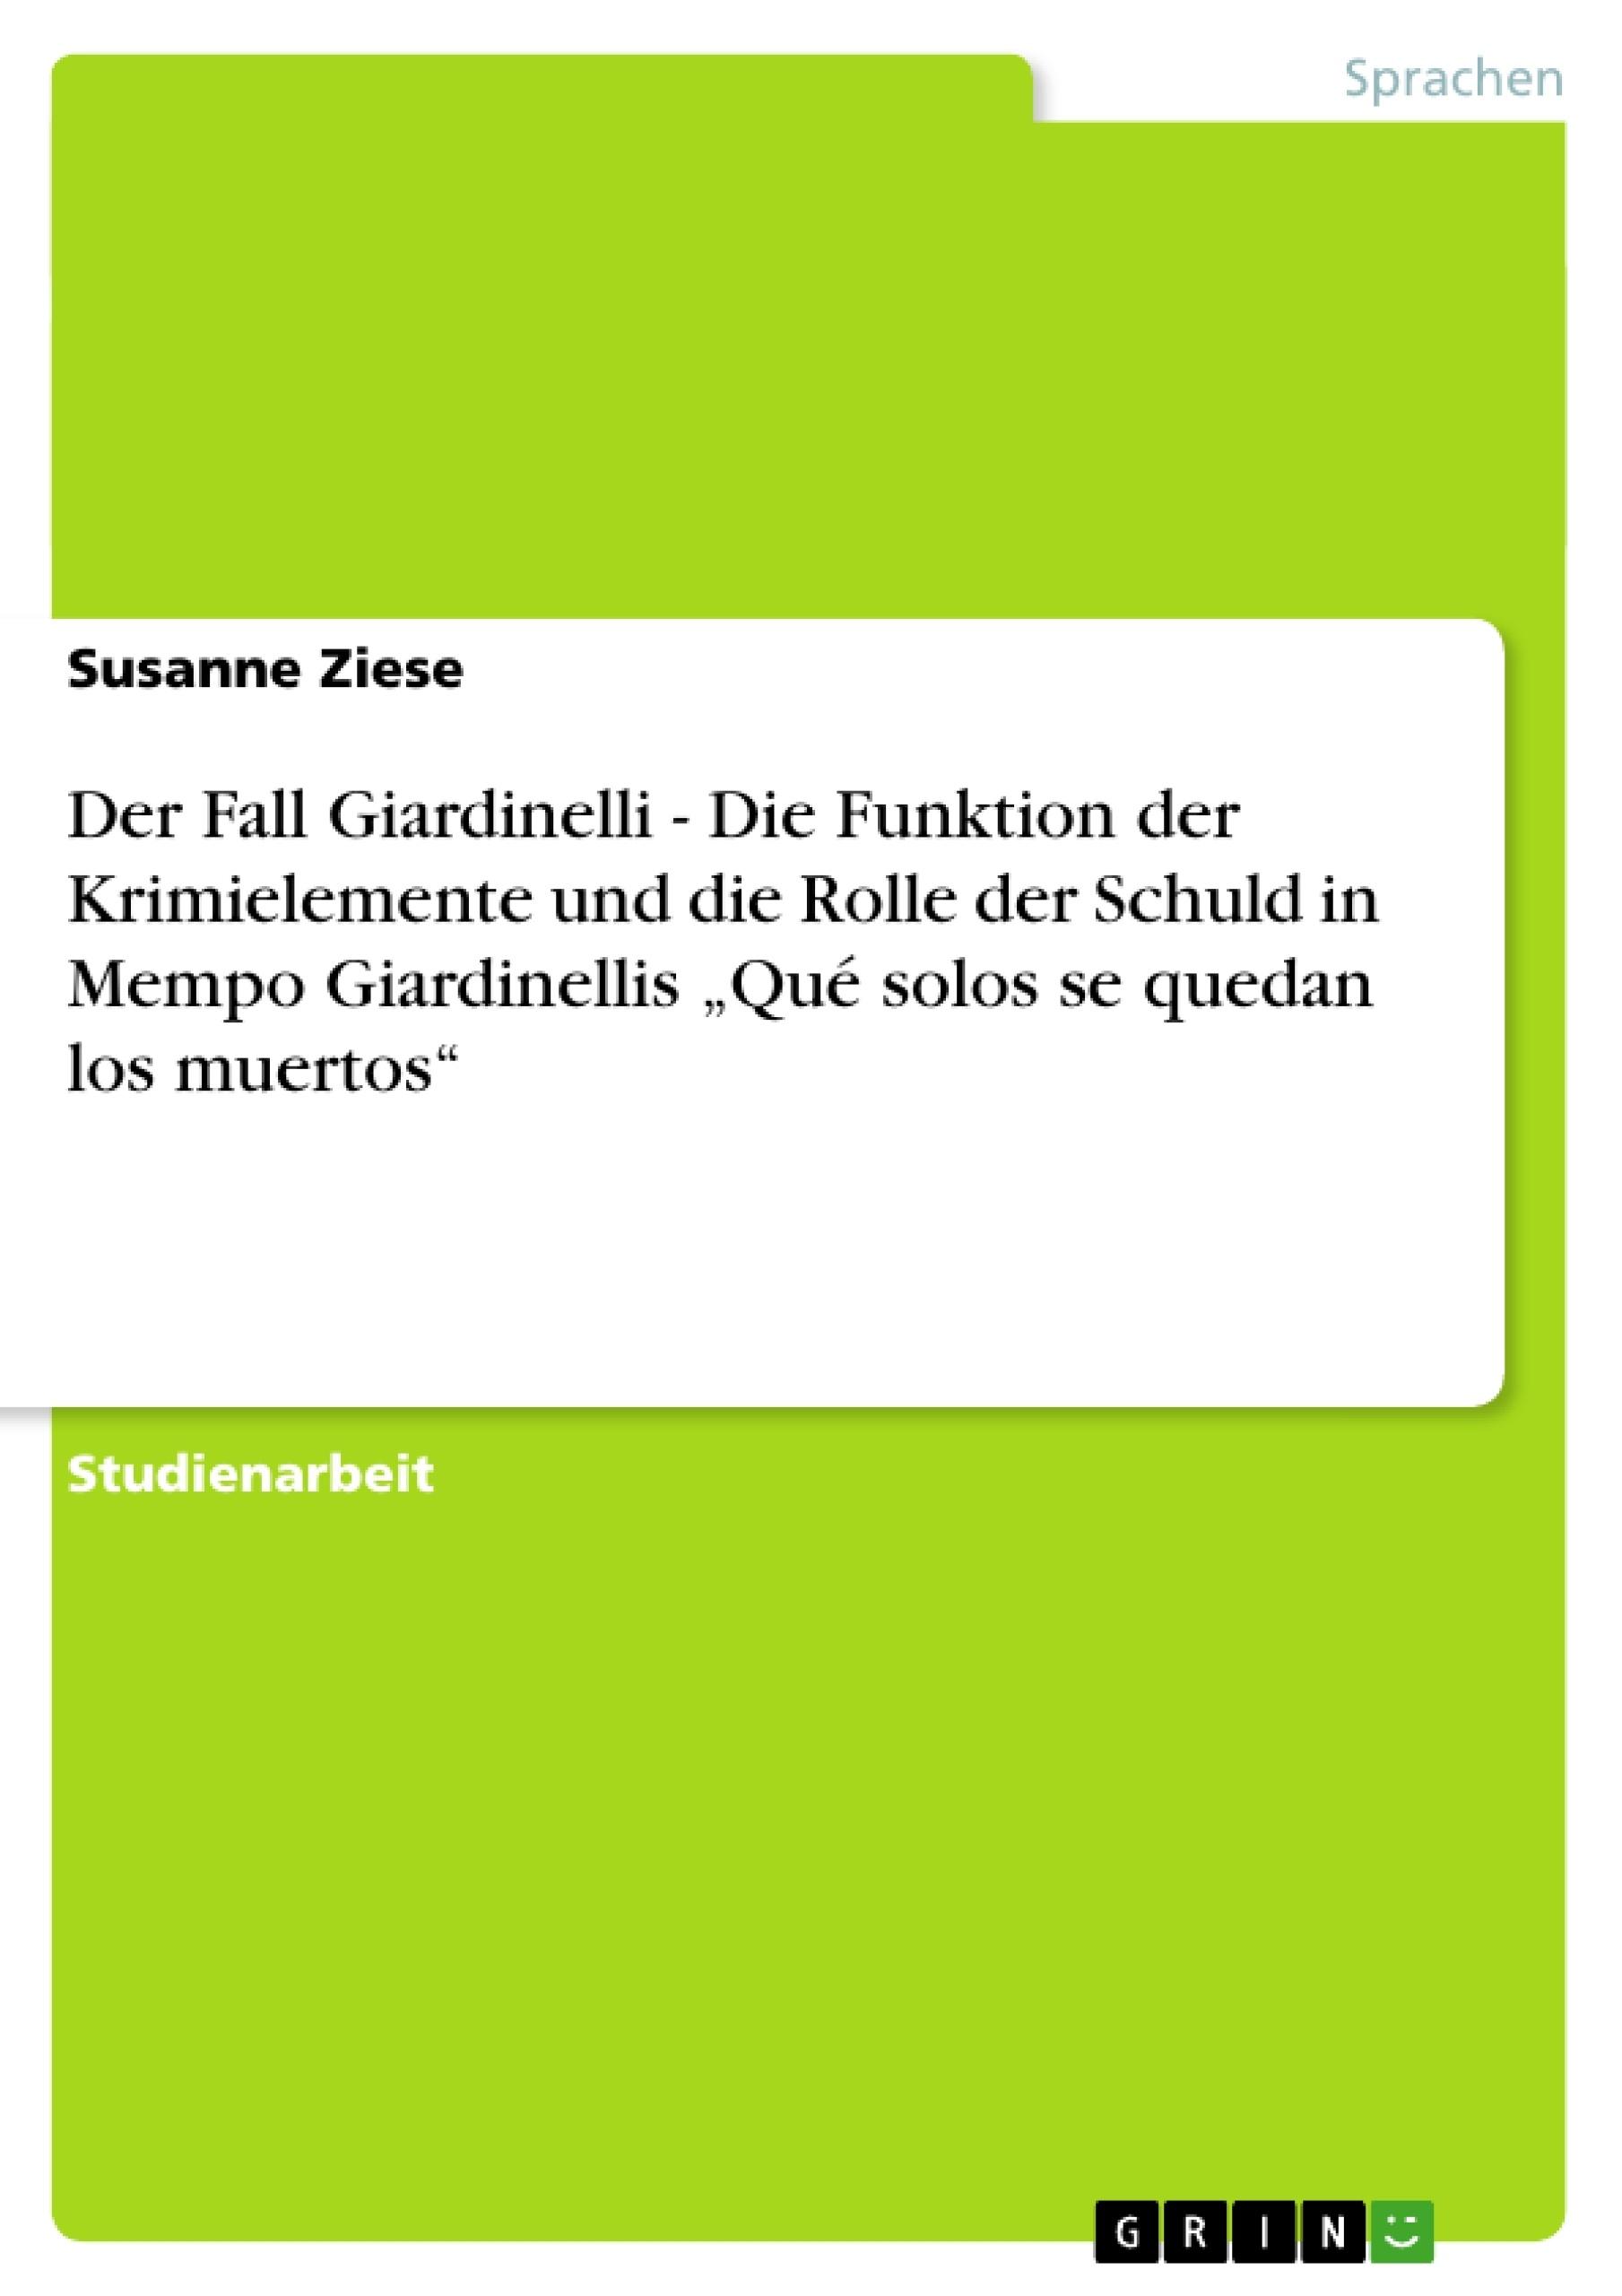 """Titel: Der Fall Giardinelli - Die Funktion der Krimielemente und die Rolle der Schuld in Mempo Giardinellis  """"Qué solos se quedan los muertos"""""""